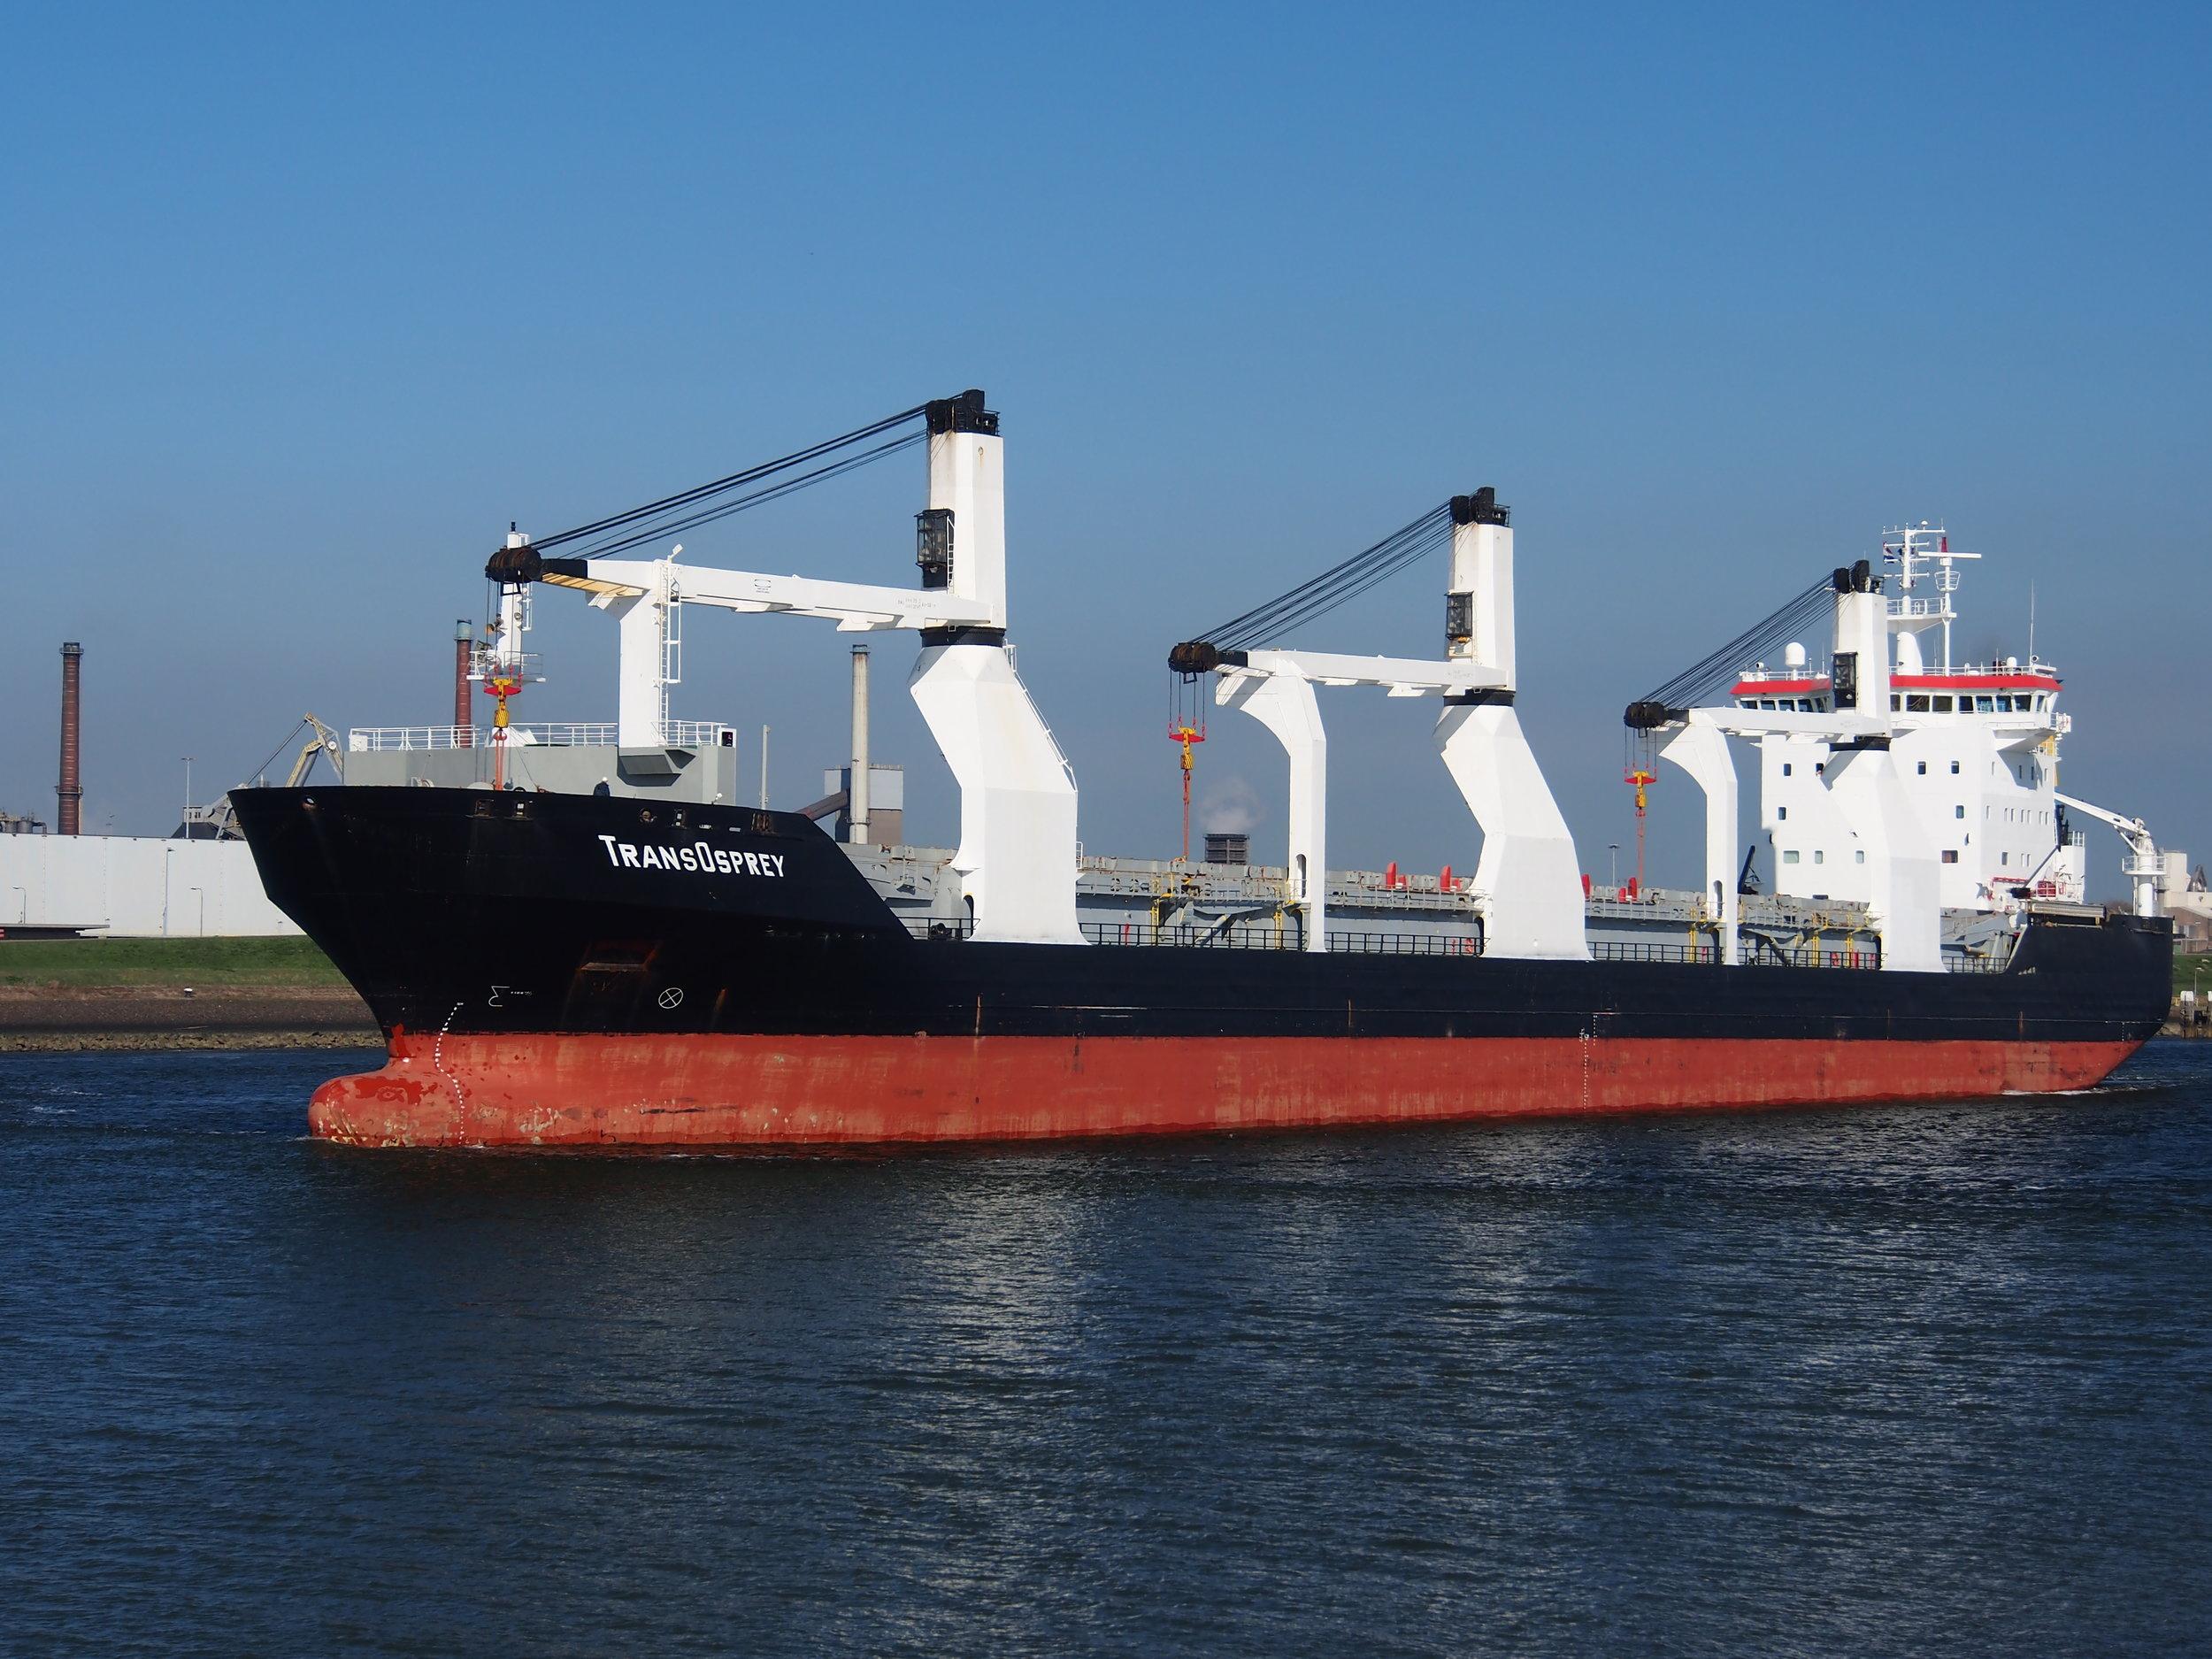 SEAPORT AGENCIES (Shipping Agency Company)